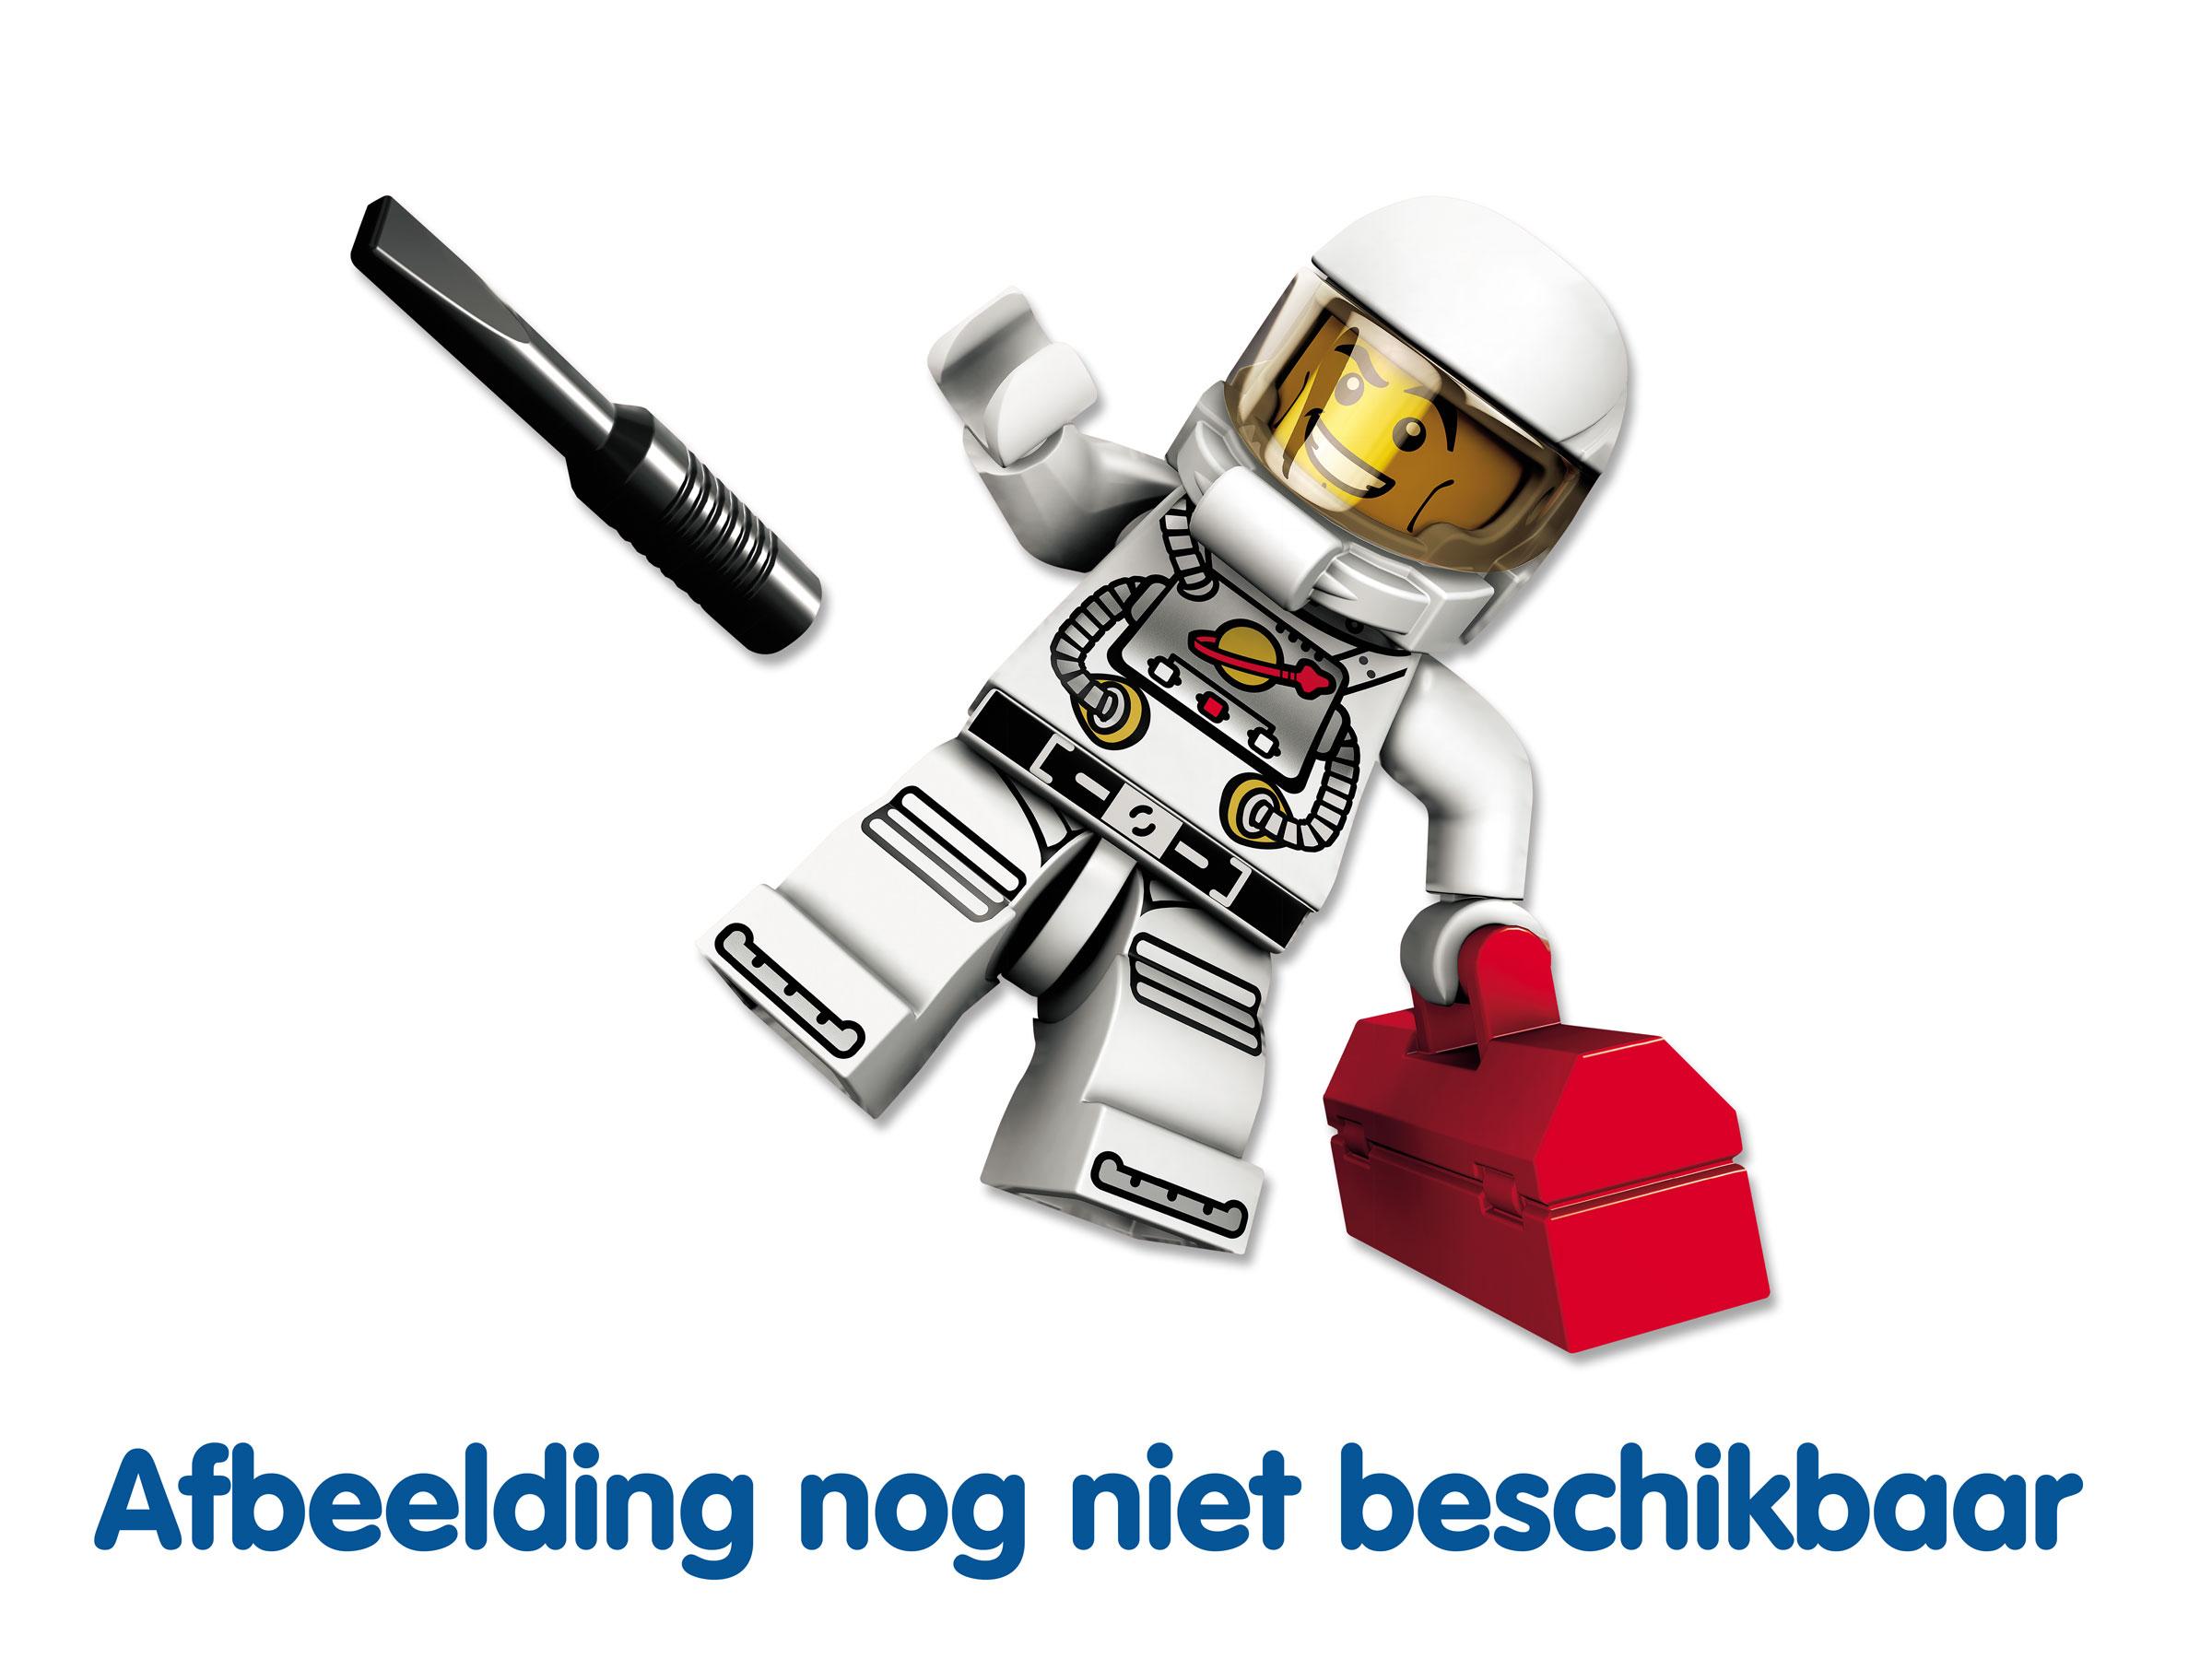 LEGO Nexo Knights 70320 Aaron Fox's Aerojager V2